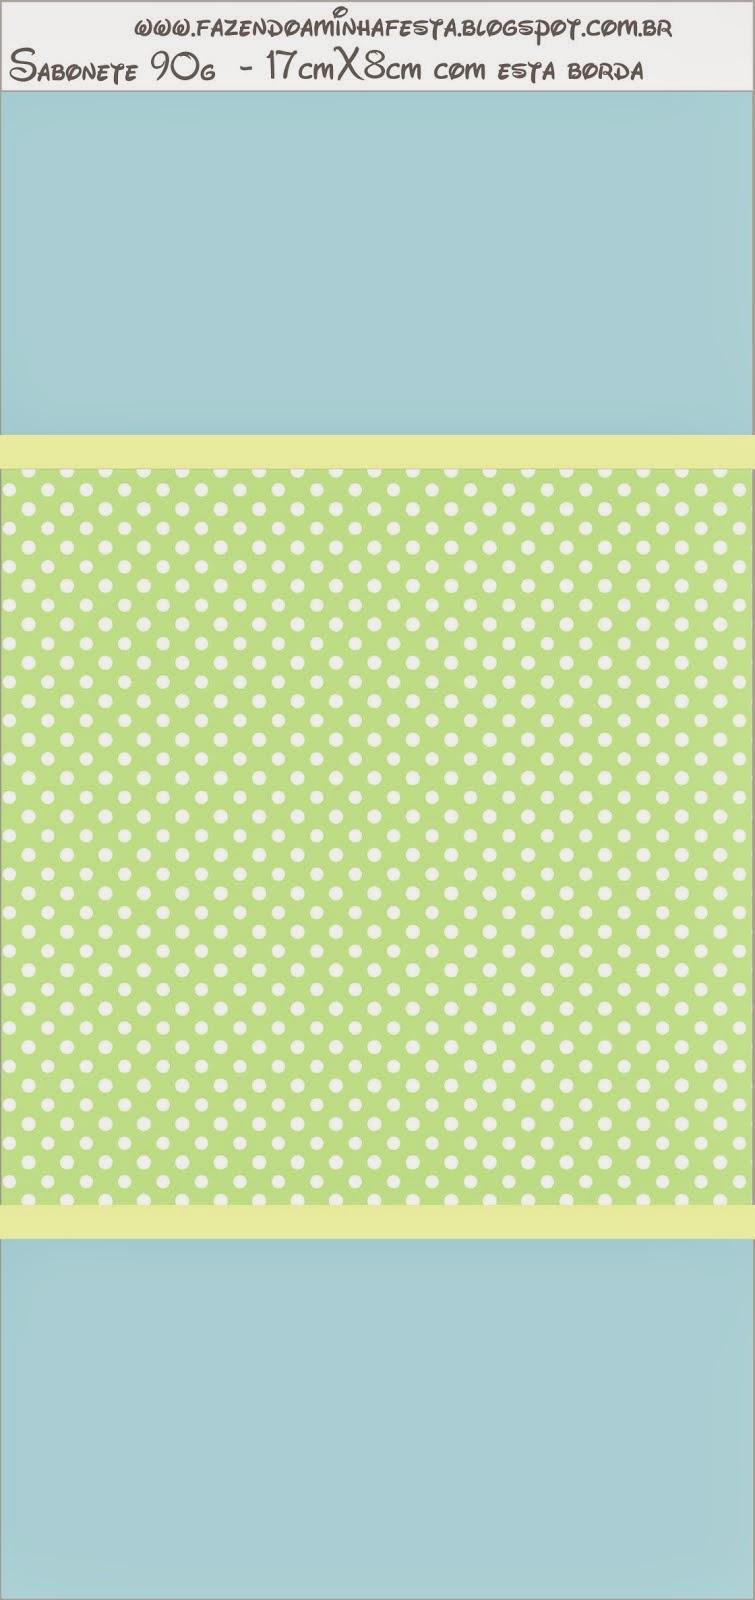 Etiquetas de Verde y Celeste para imprimir gratis.